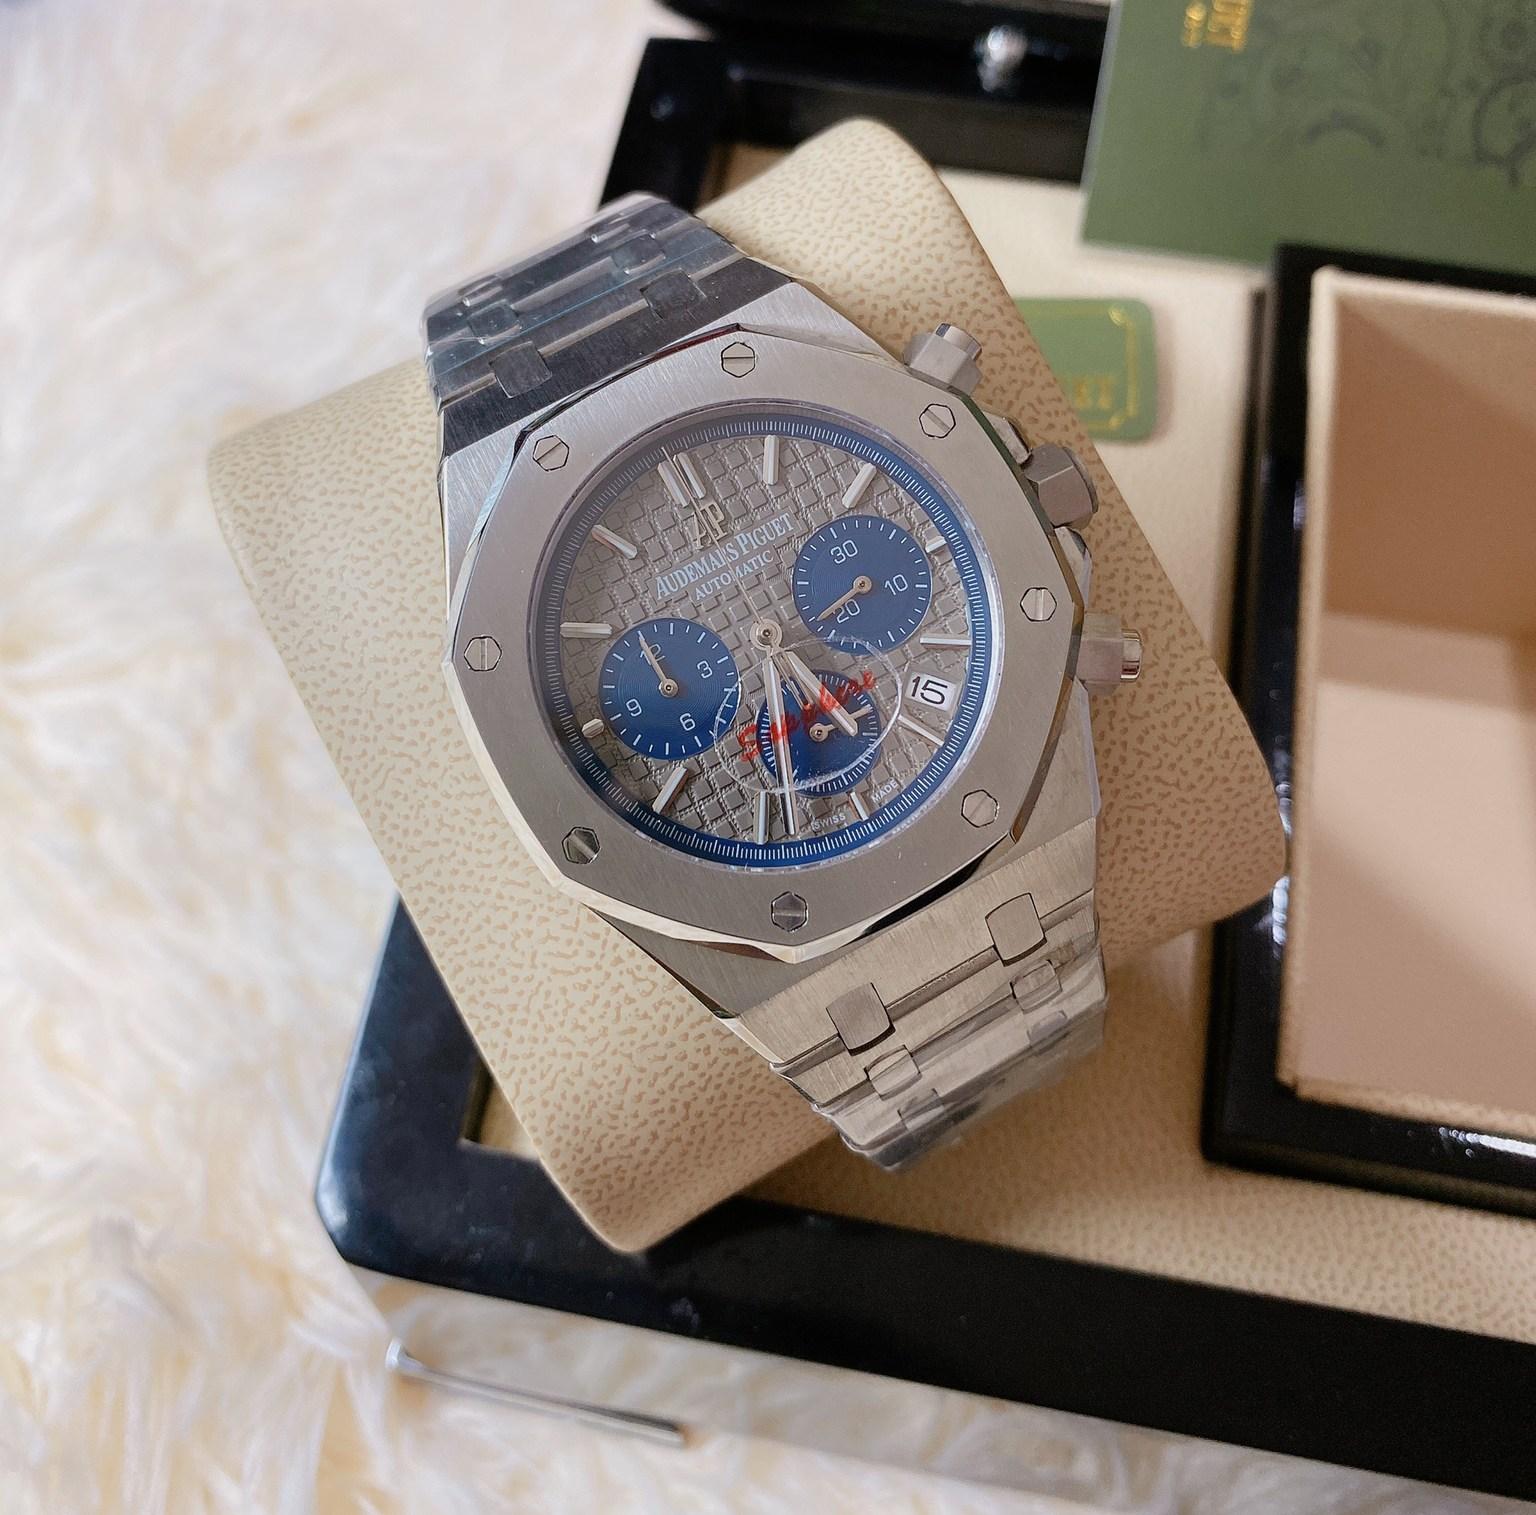 Audemars Piguet Royal Oak Grey Dial 26331IP.OO.1220IP.01 Platinum and Titanium